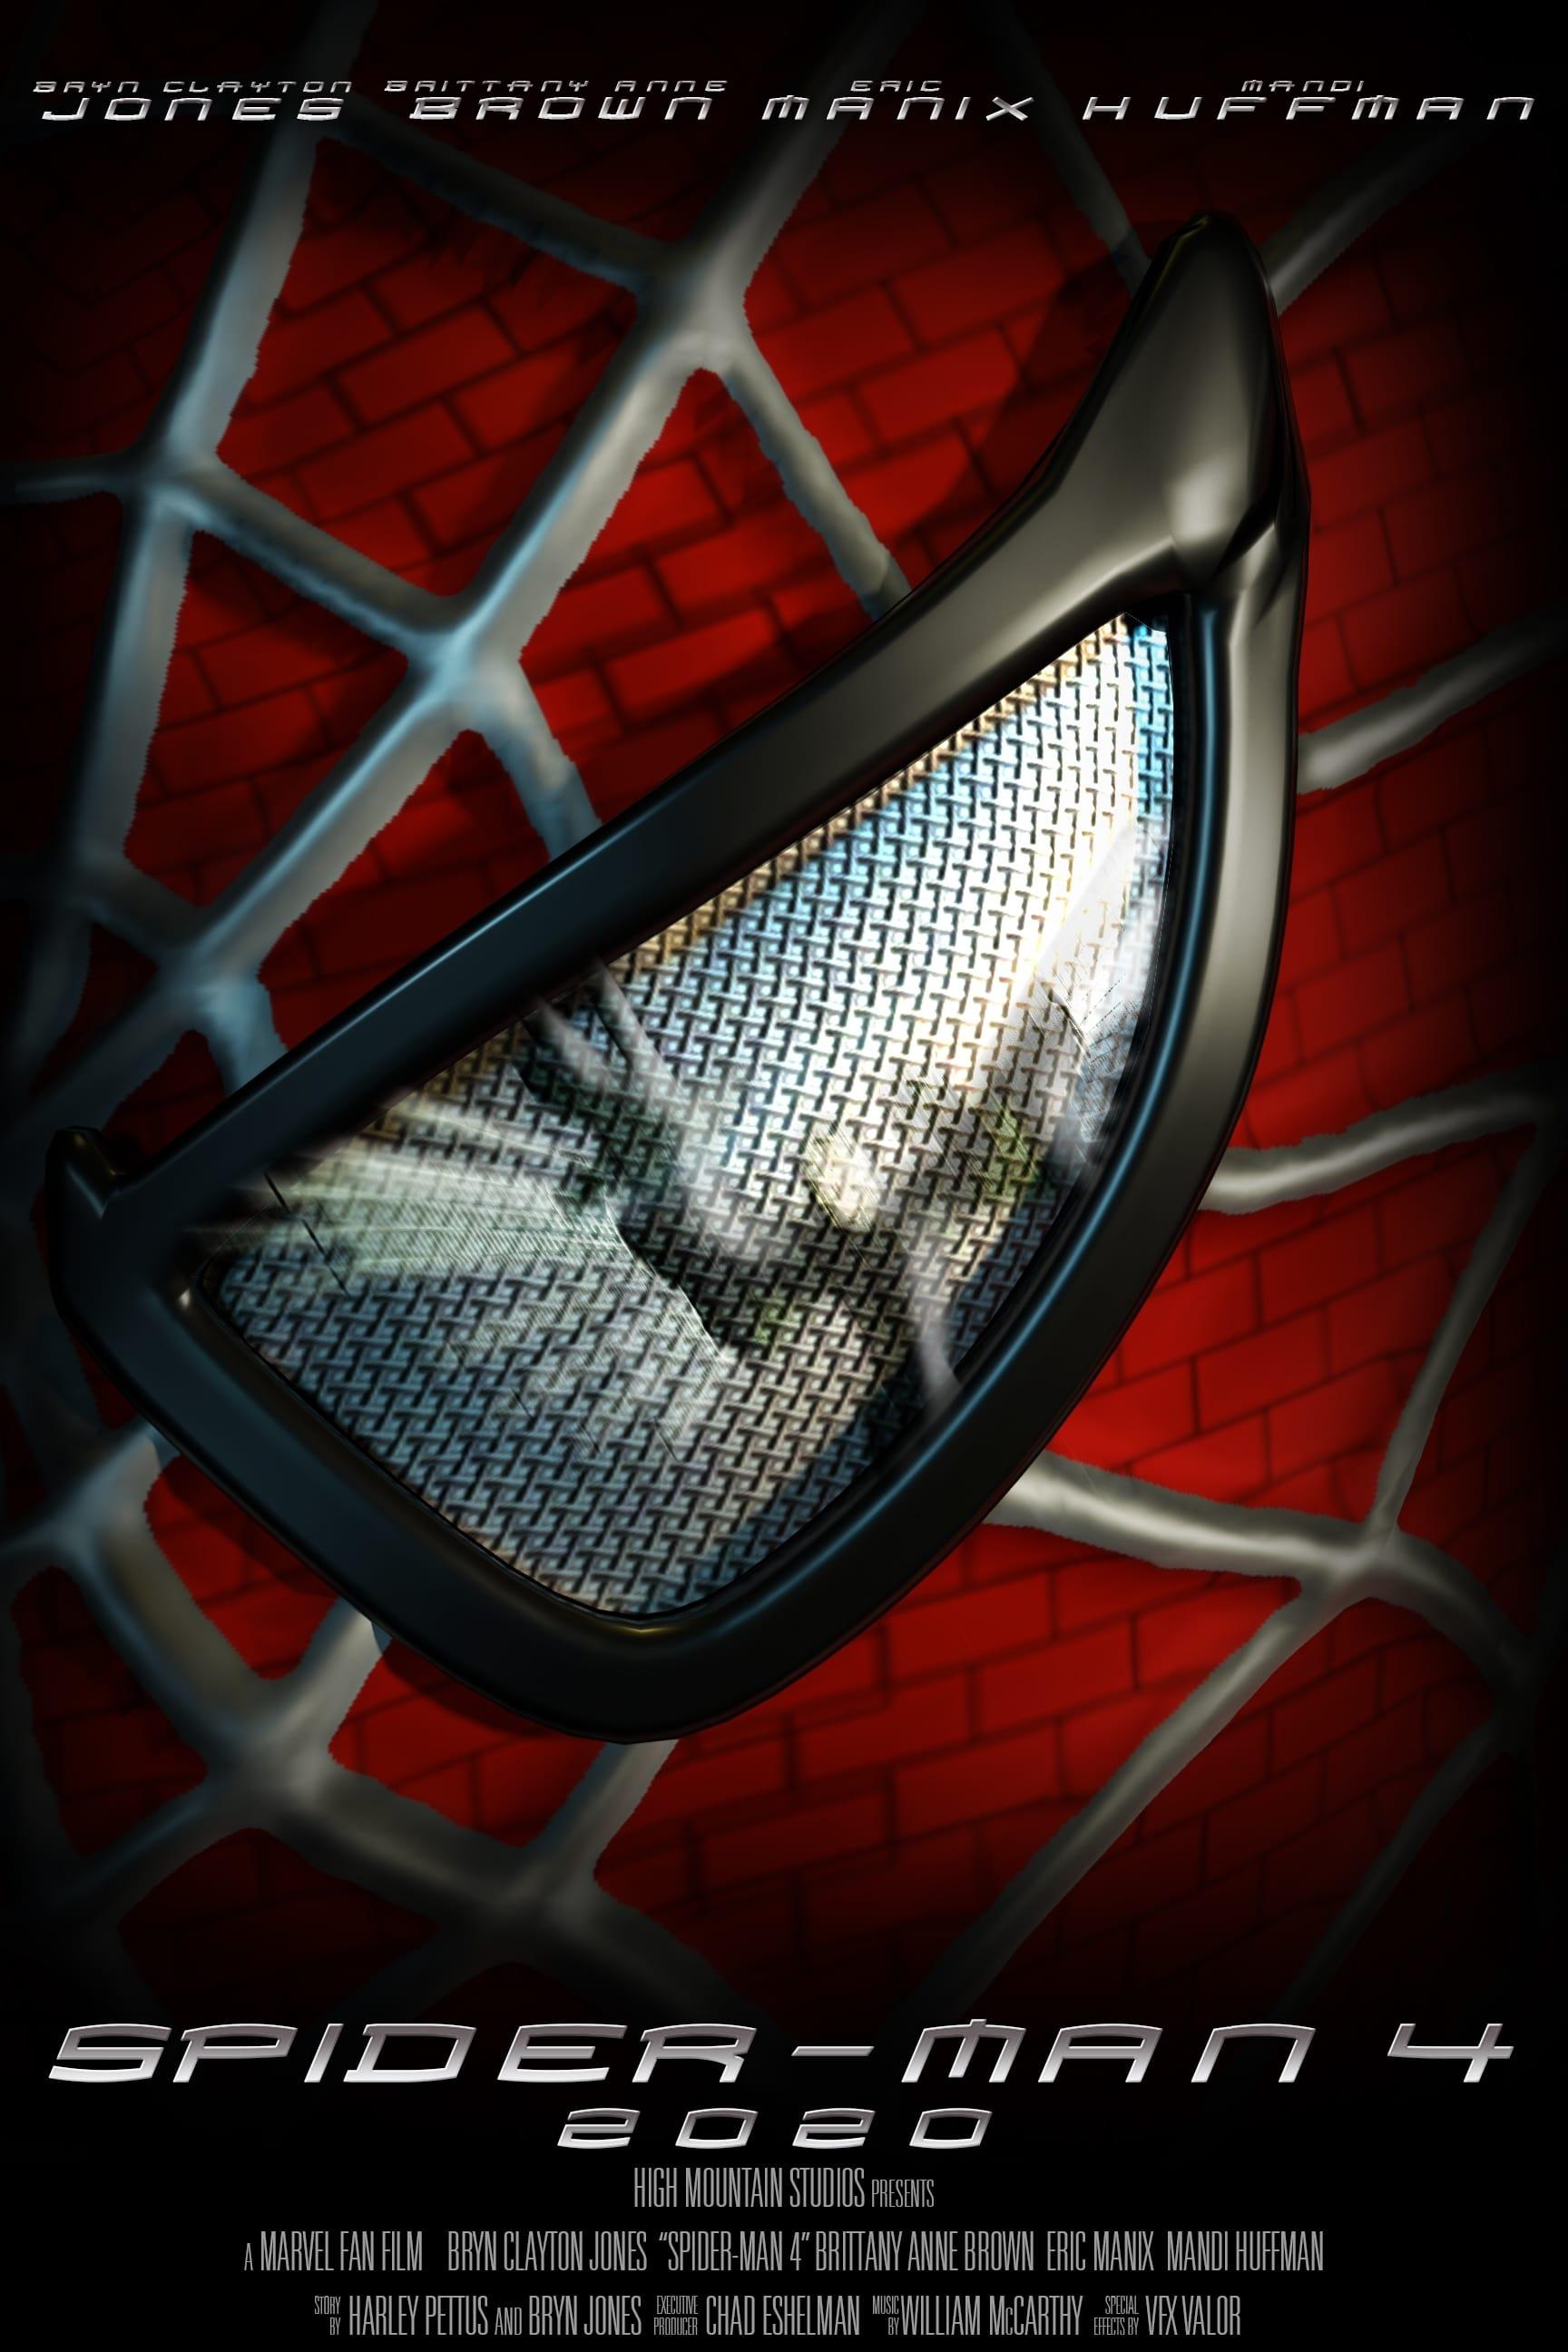 Spider-Man 4 (2021)